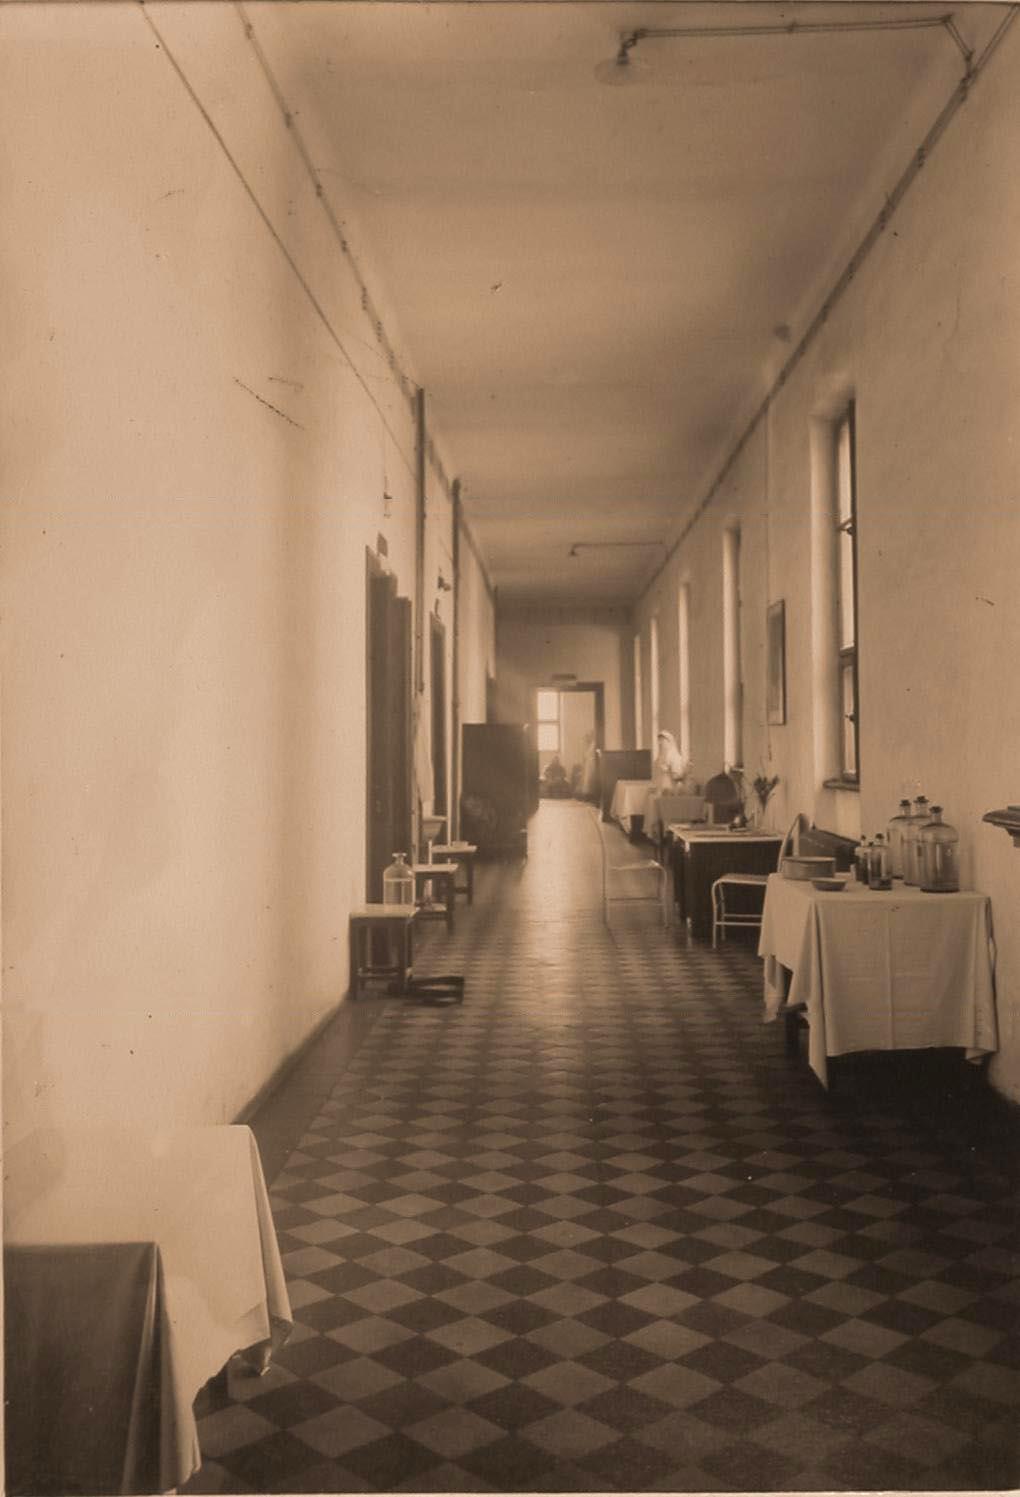 04. Вид части коридора II этажа госпиталя